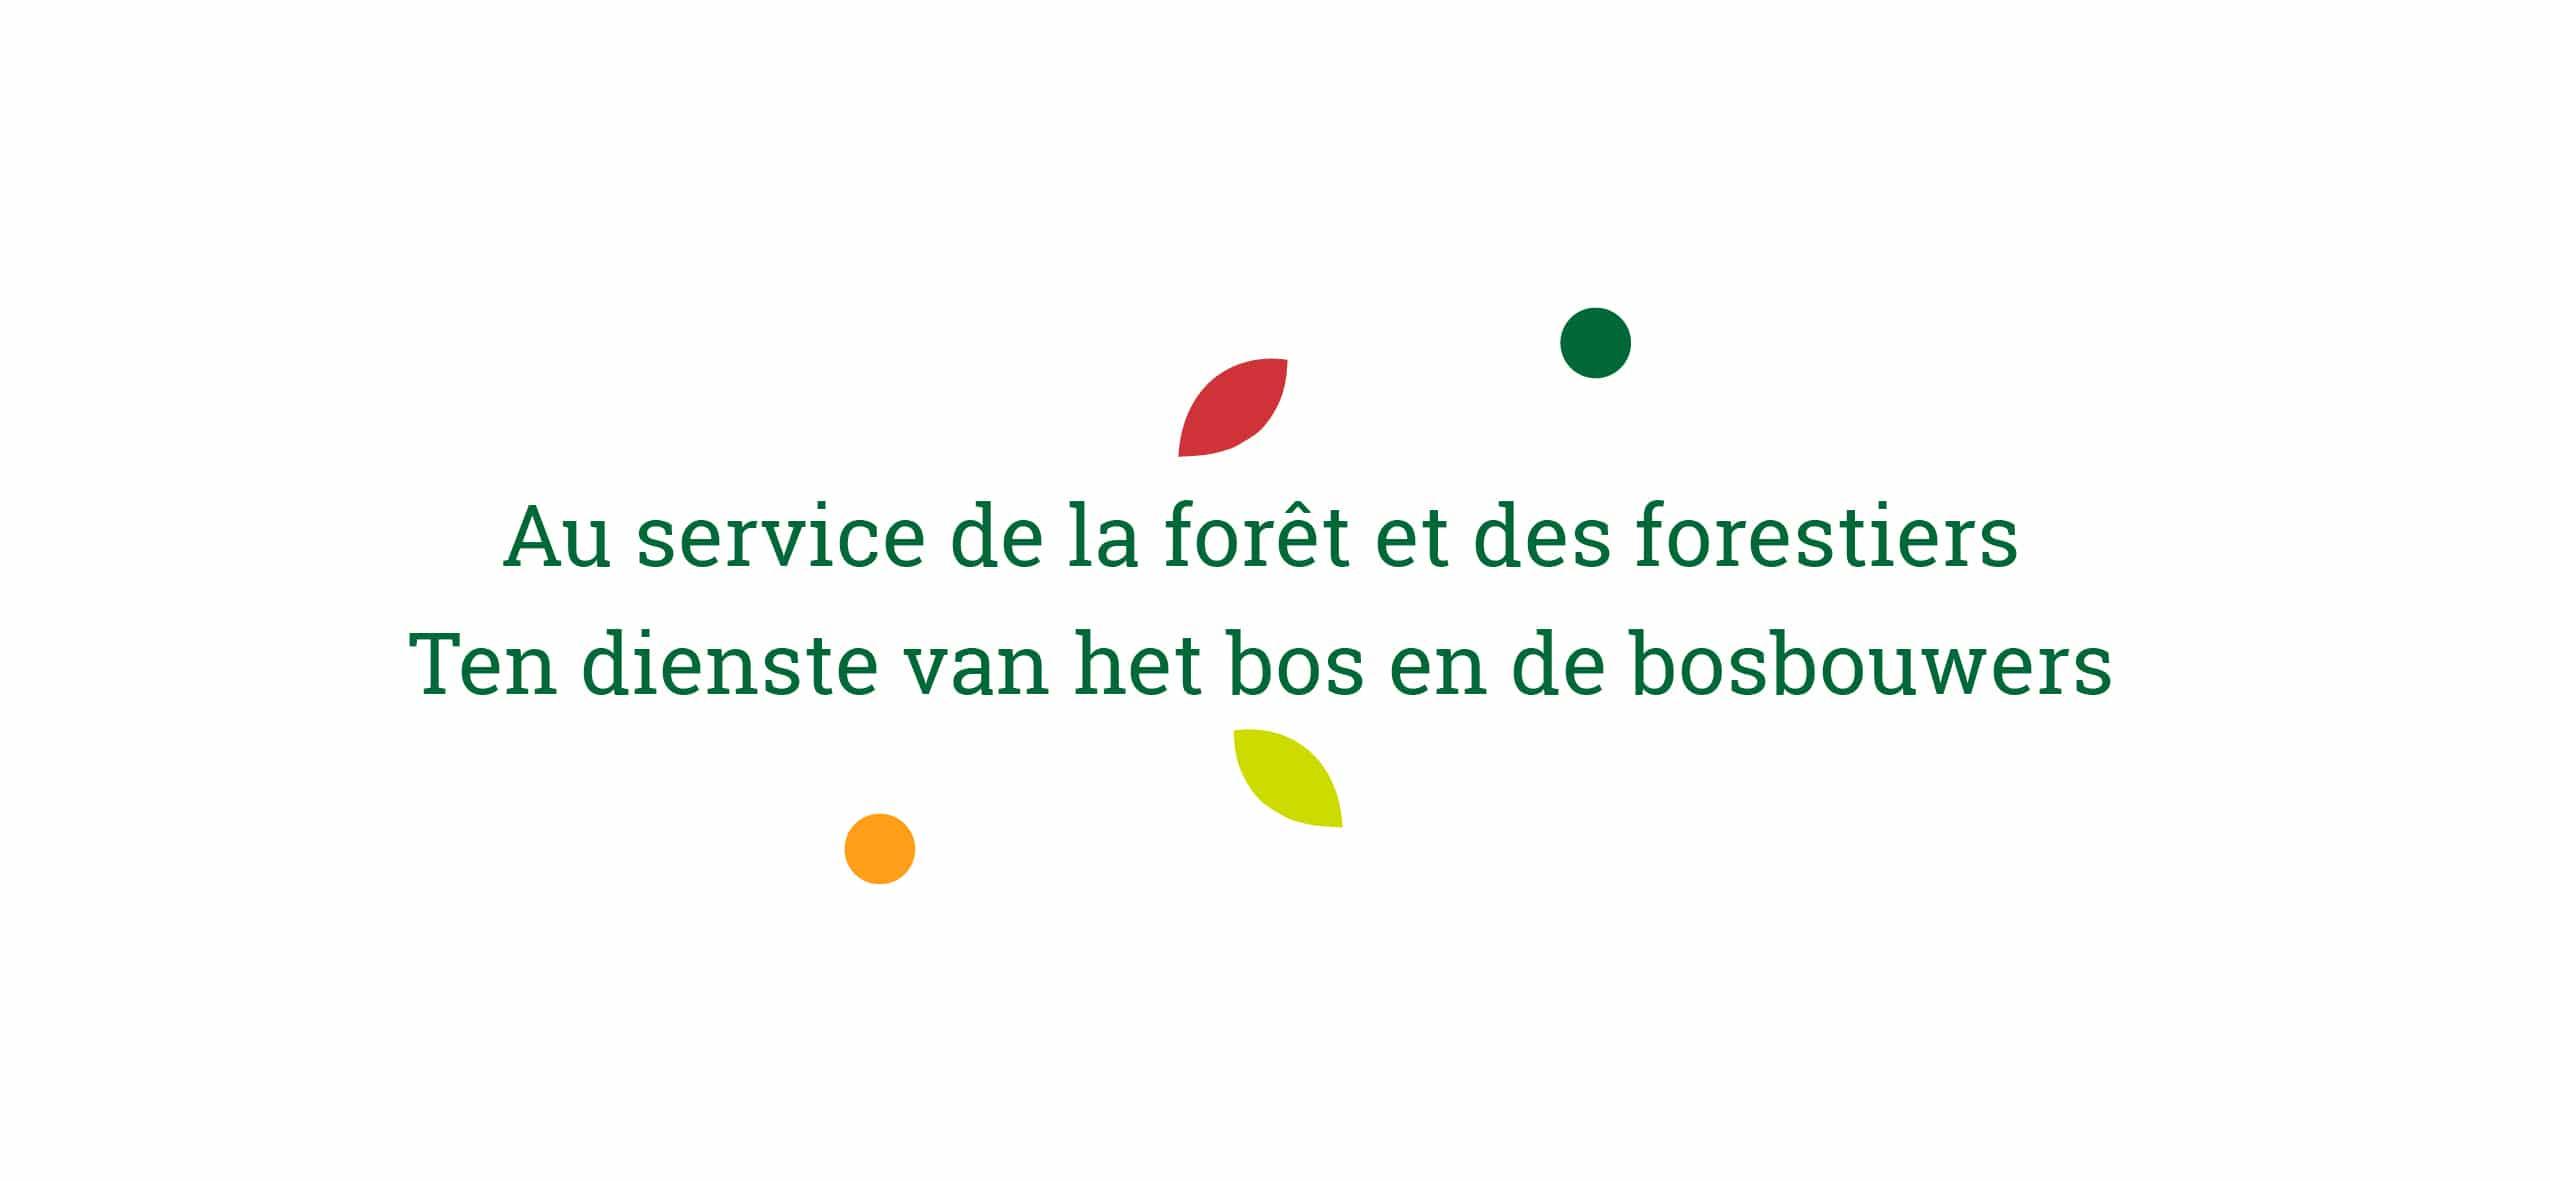 Devise de la SRFB-KBBM - Au service de la forêt et des forestiers - Ten dienst van het bos en de bosbouwers